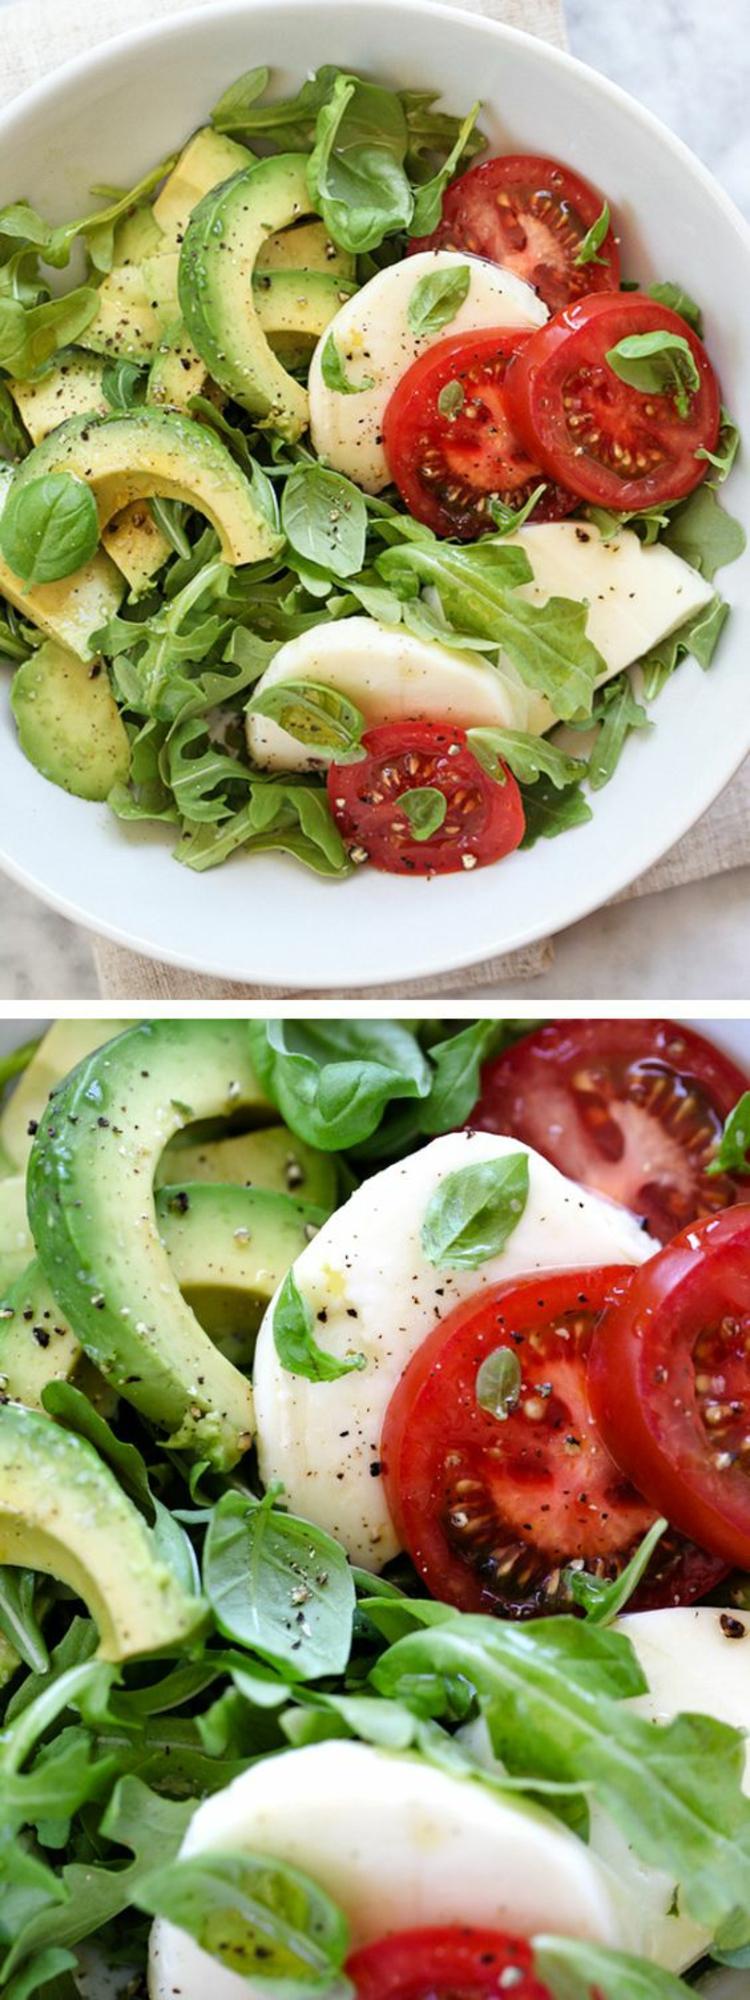 Avocado Rezepte Avocado Salat Mozzarela Tomaten gesunde Ernährung